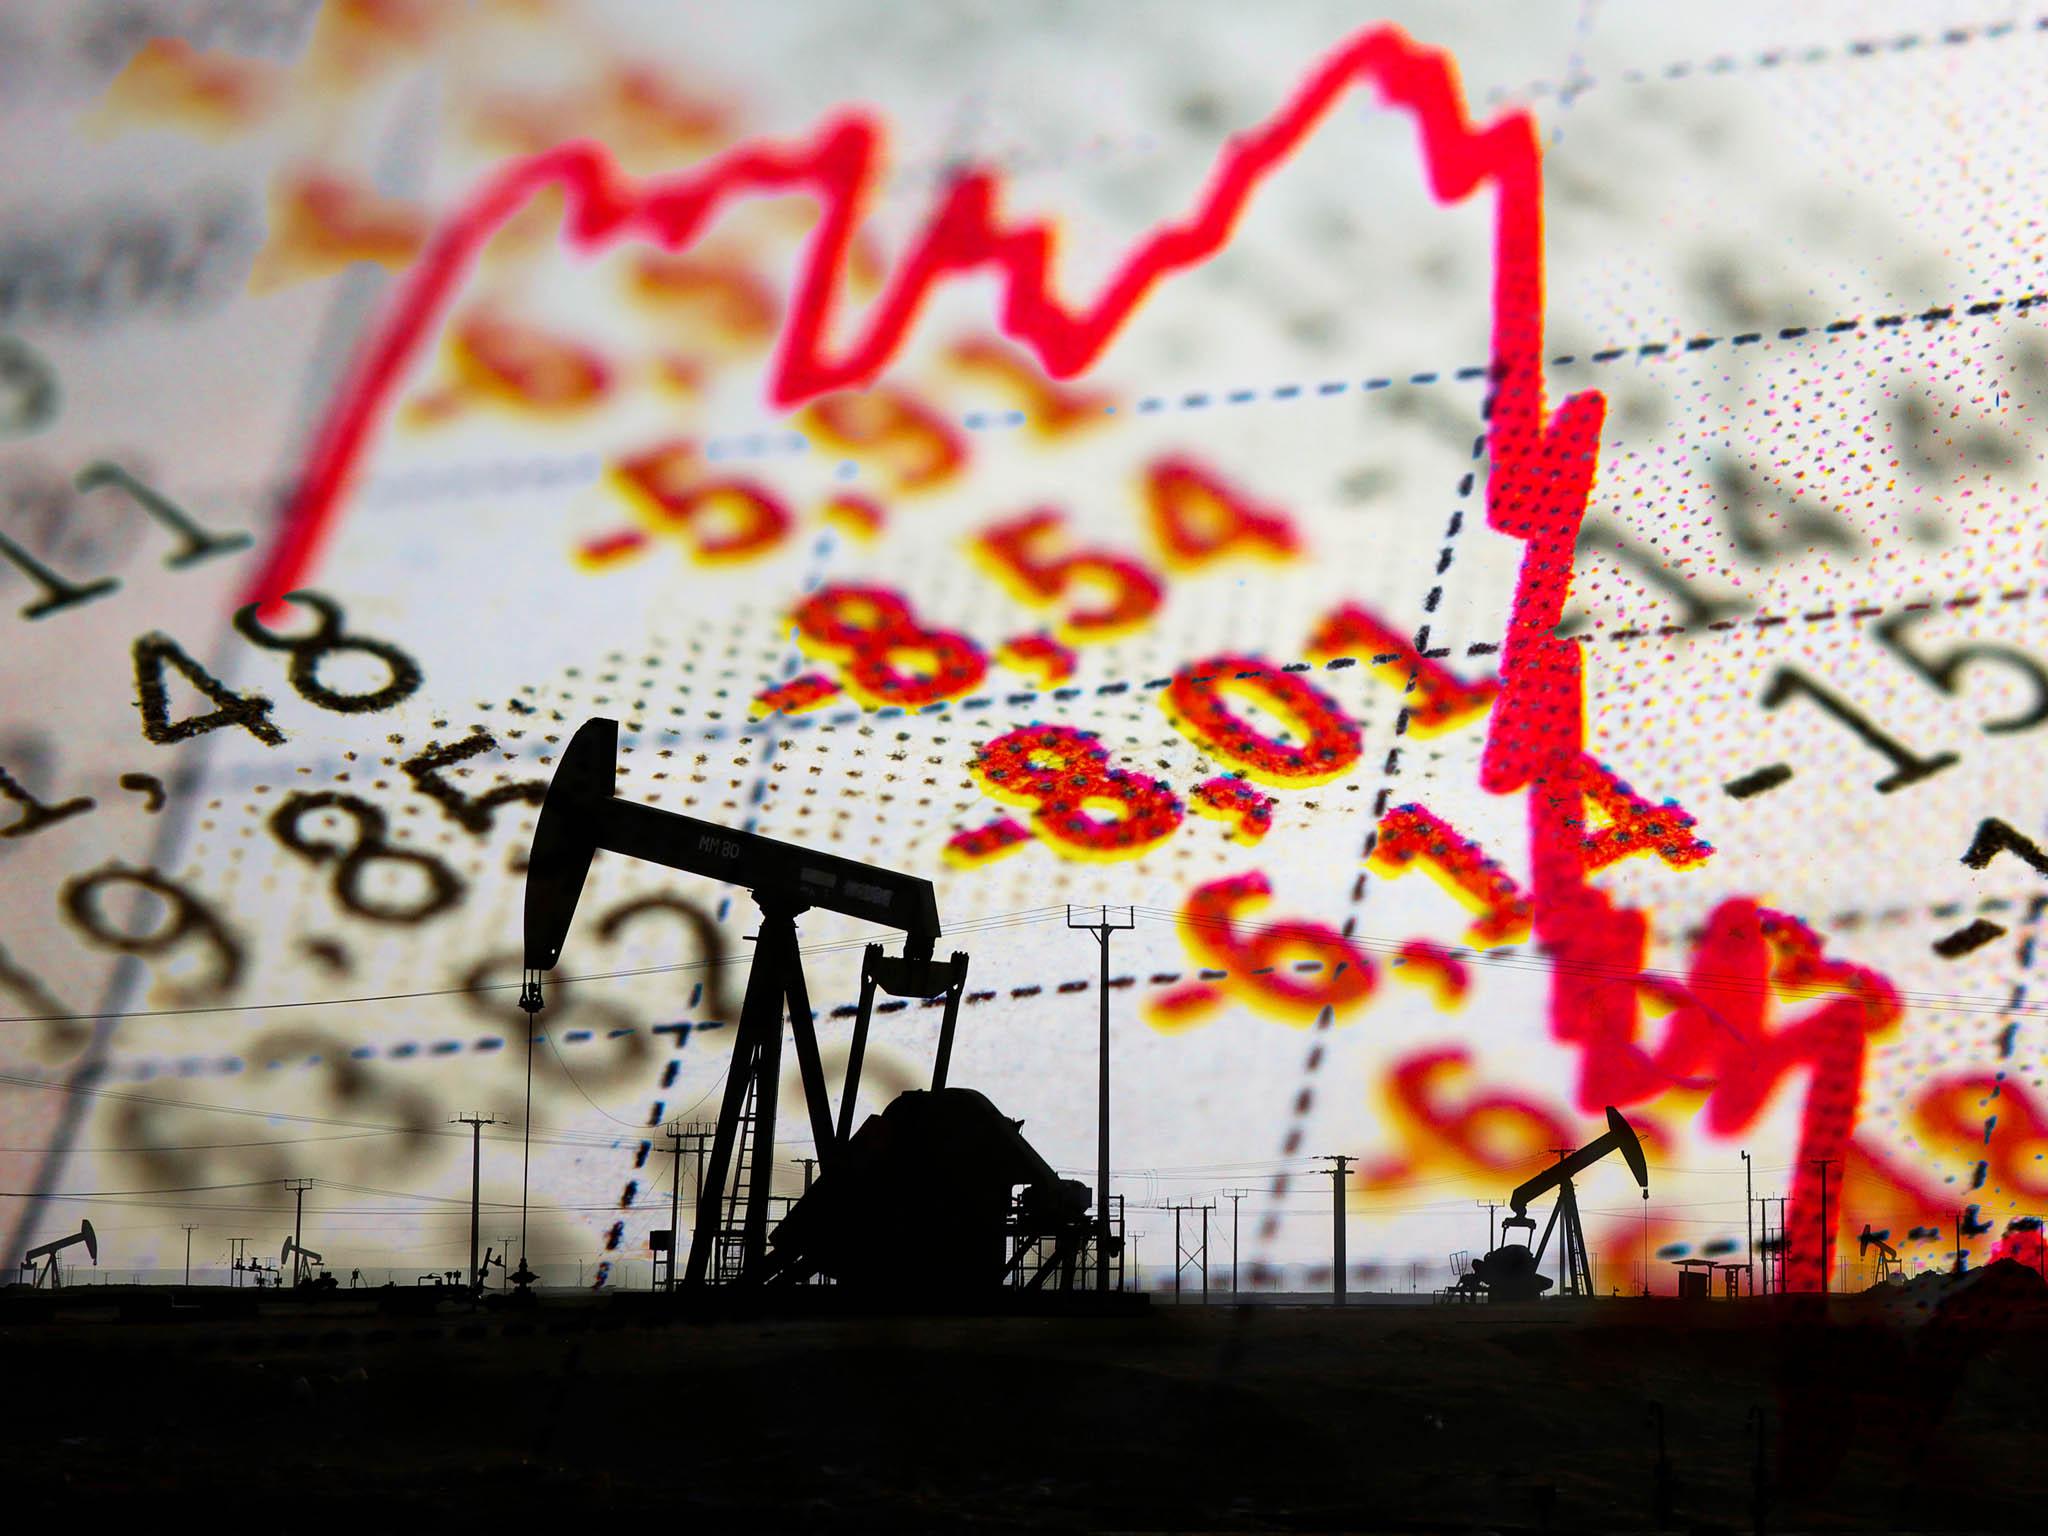 Zvolení Joea Bidena zaamerického prezidenta ioznámení ovývoji účinné vakcíny proti koronaviru měly okamžitý efekt navývoj naakciových trzích aodrazily seivestoupajících cenách ropy.